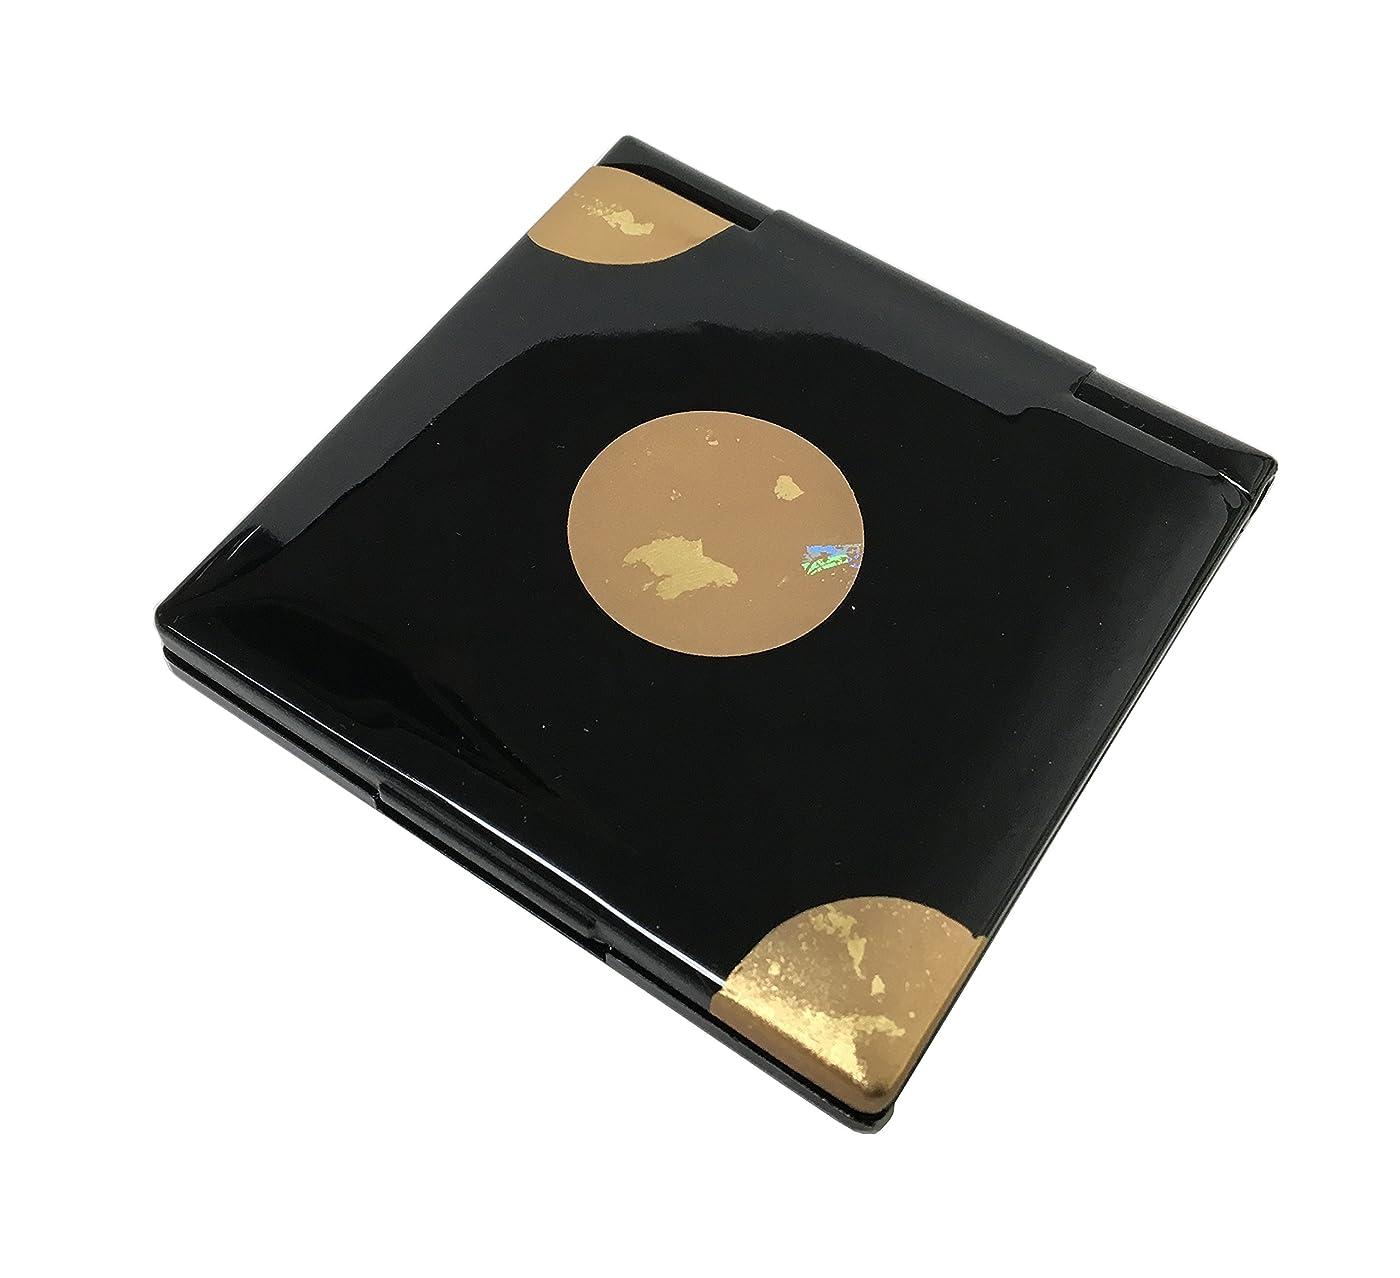 動スタンド交渉する中谷兄弟商会 山中漆器 コンパクトミラー 純金箔工芸 黒 星夜33-0403